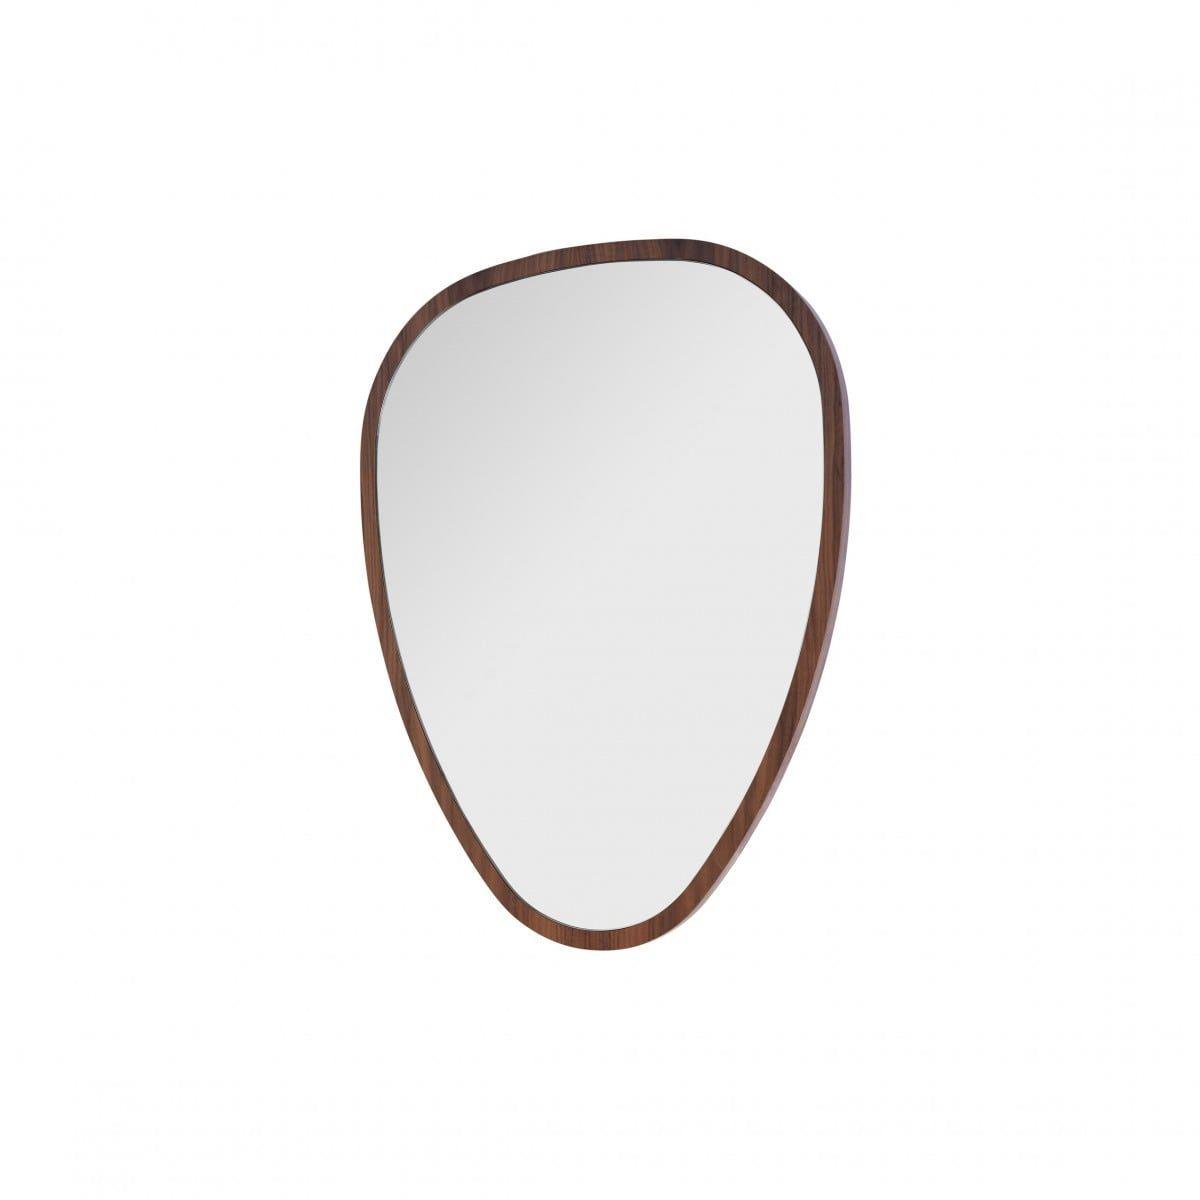 Miroir design maison sarah lavoine miroirs d coration murale pint - Miroir sarah lavoine ...